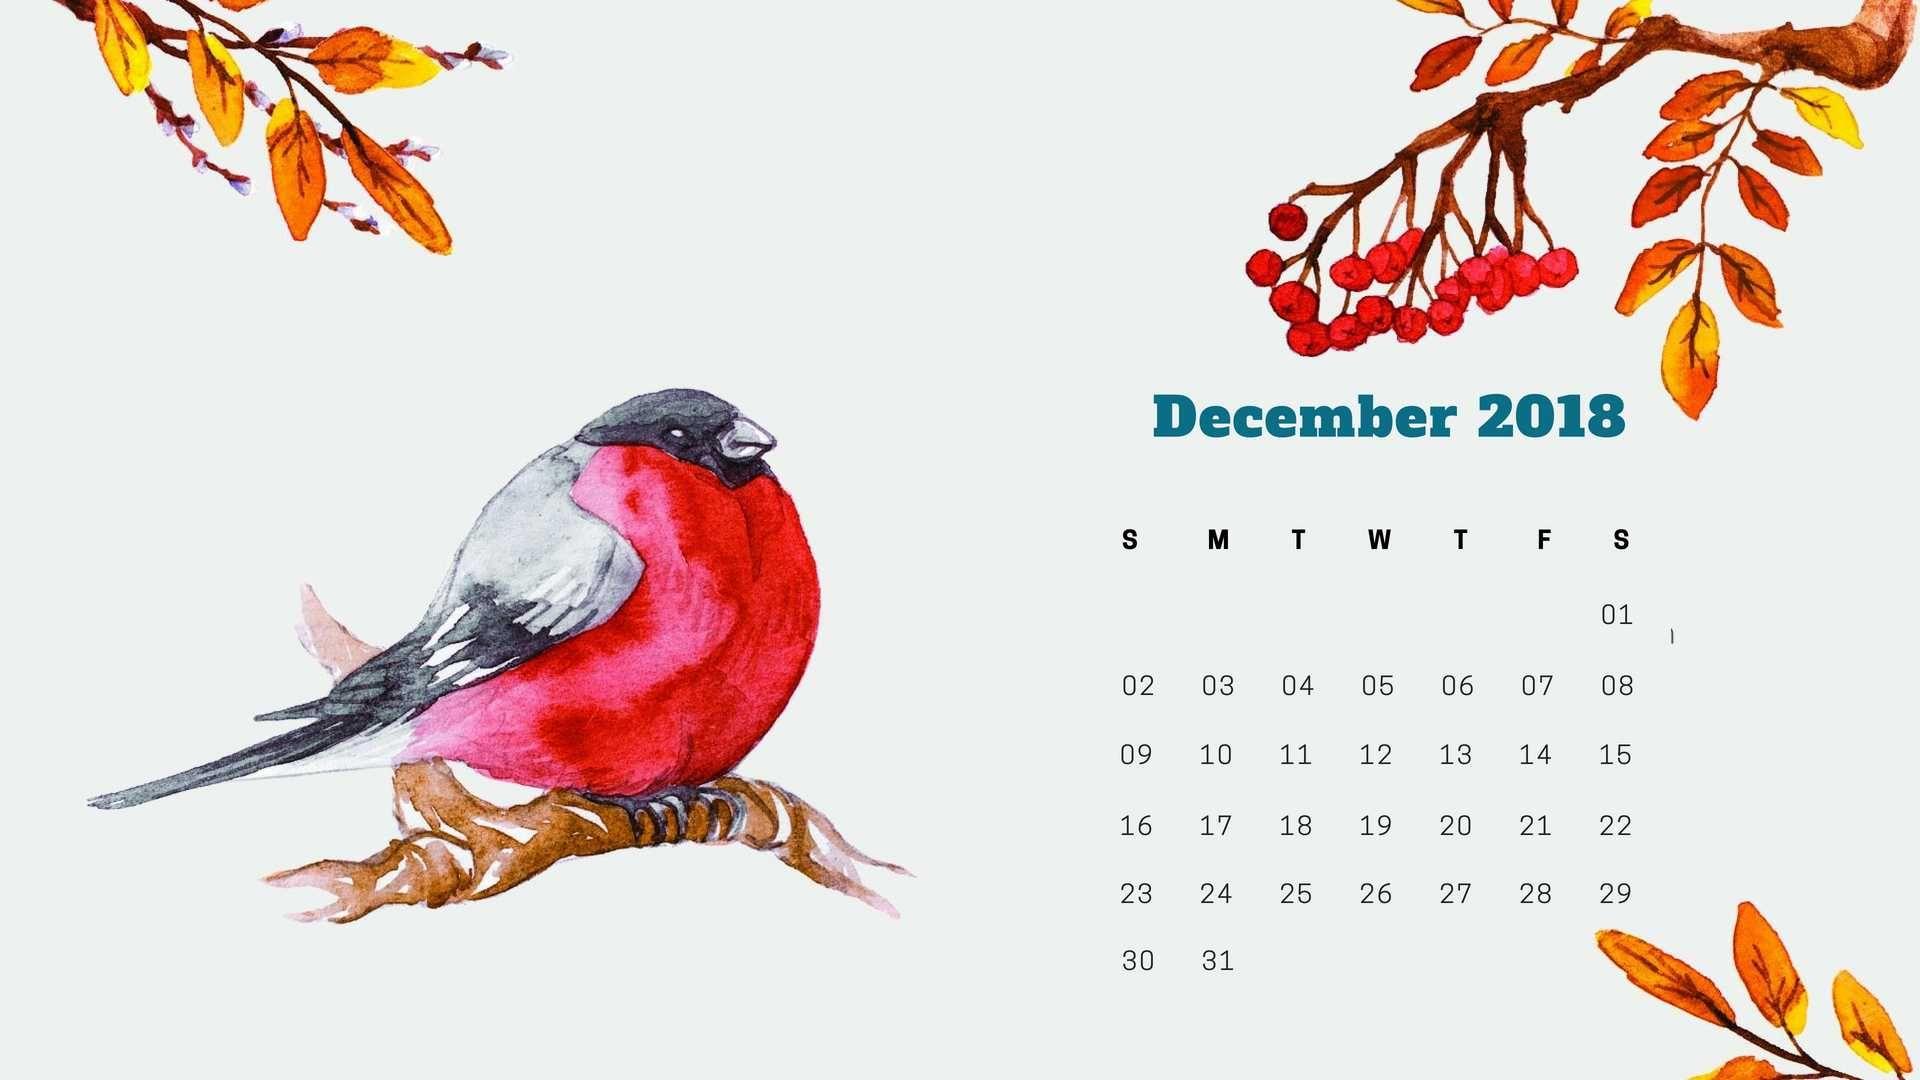 December Laptop Calendar 2019 Wallpaper Lovely December 2018 Calendar Wallpaper for Desktop | Calendar